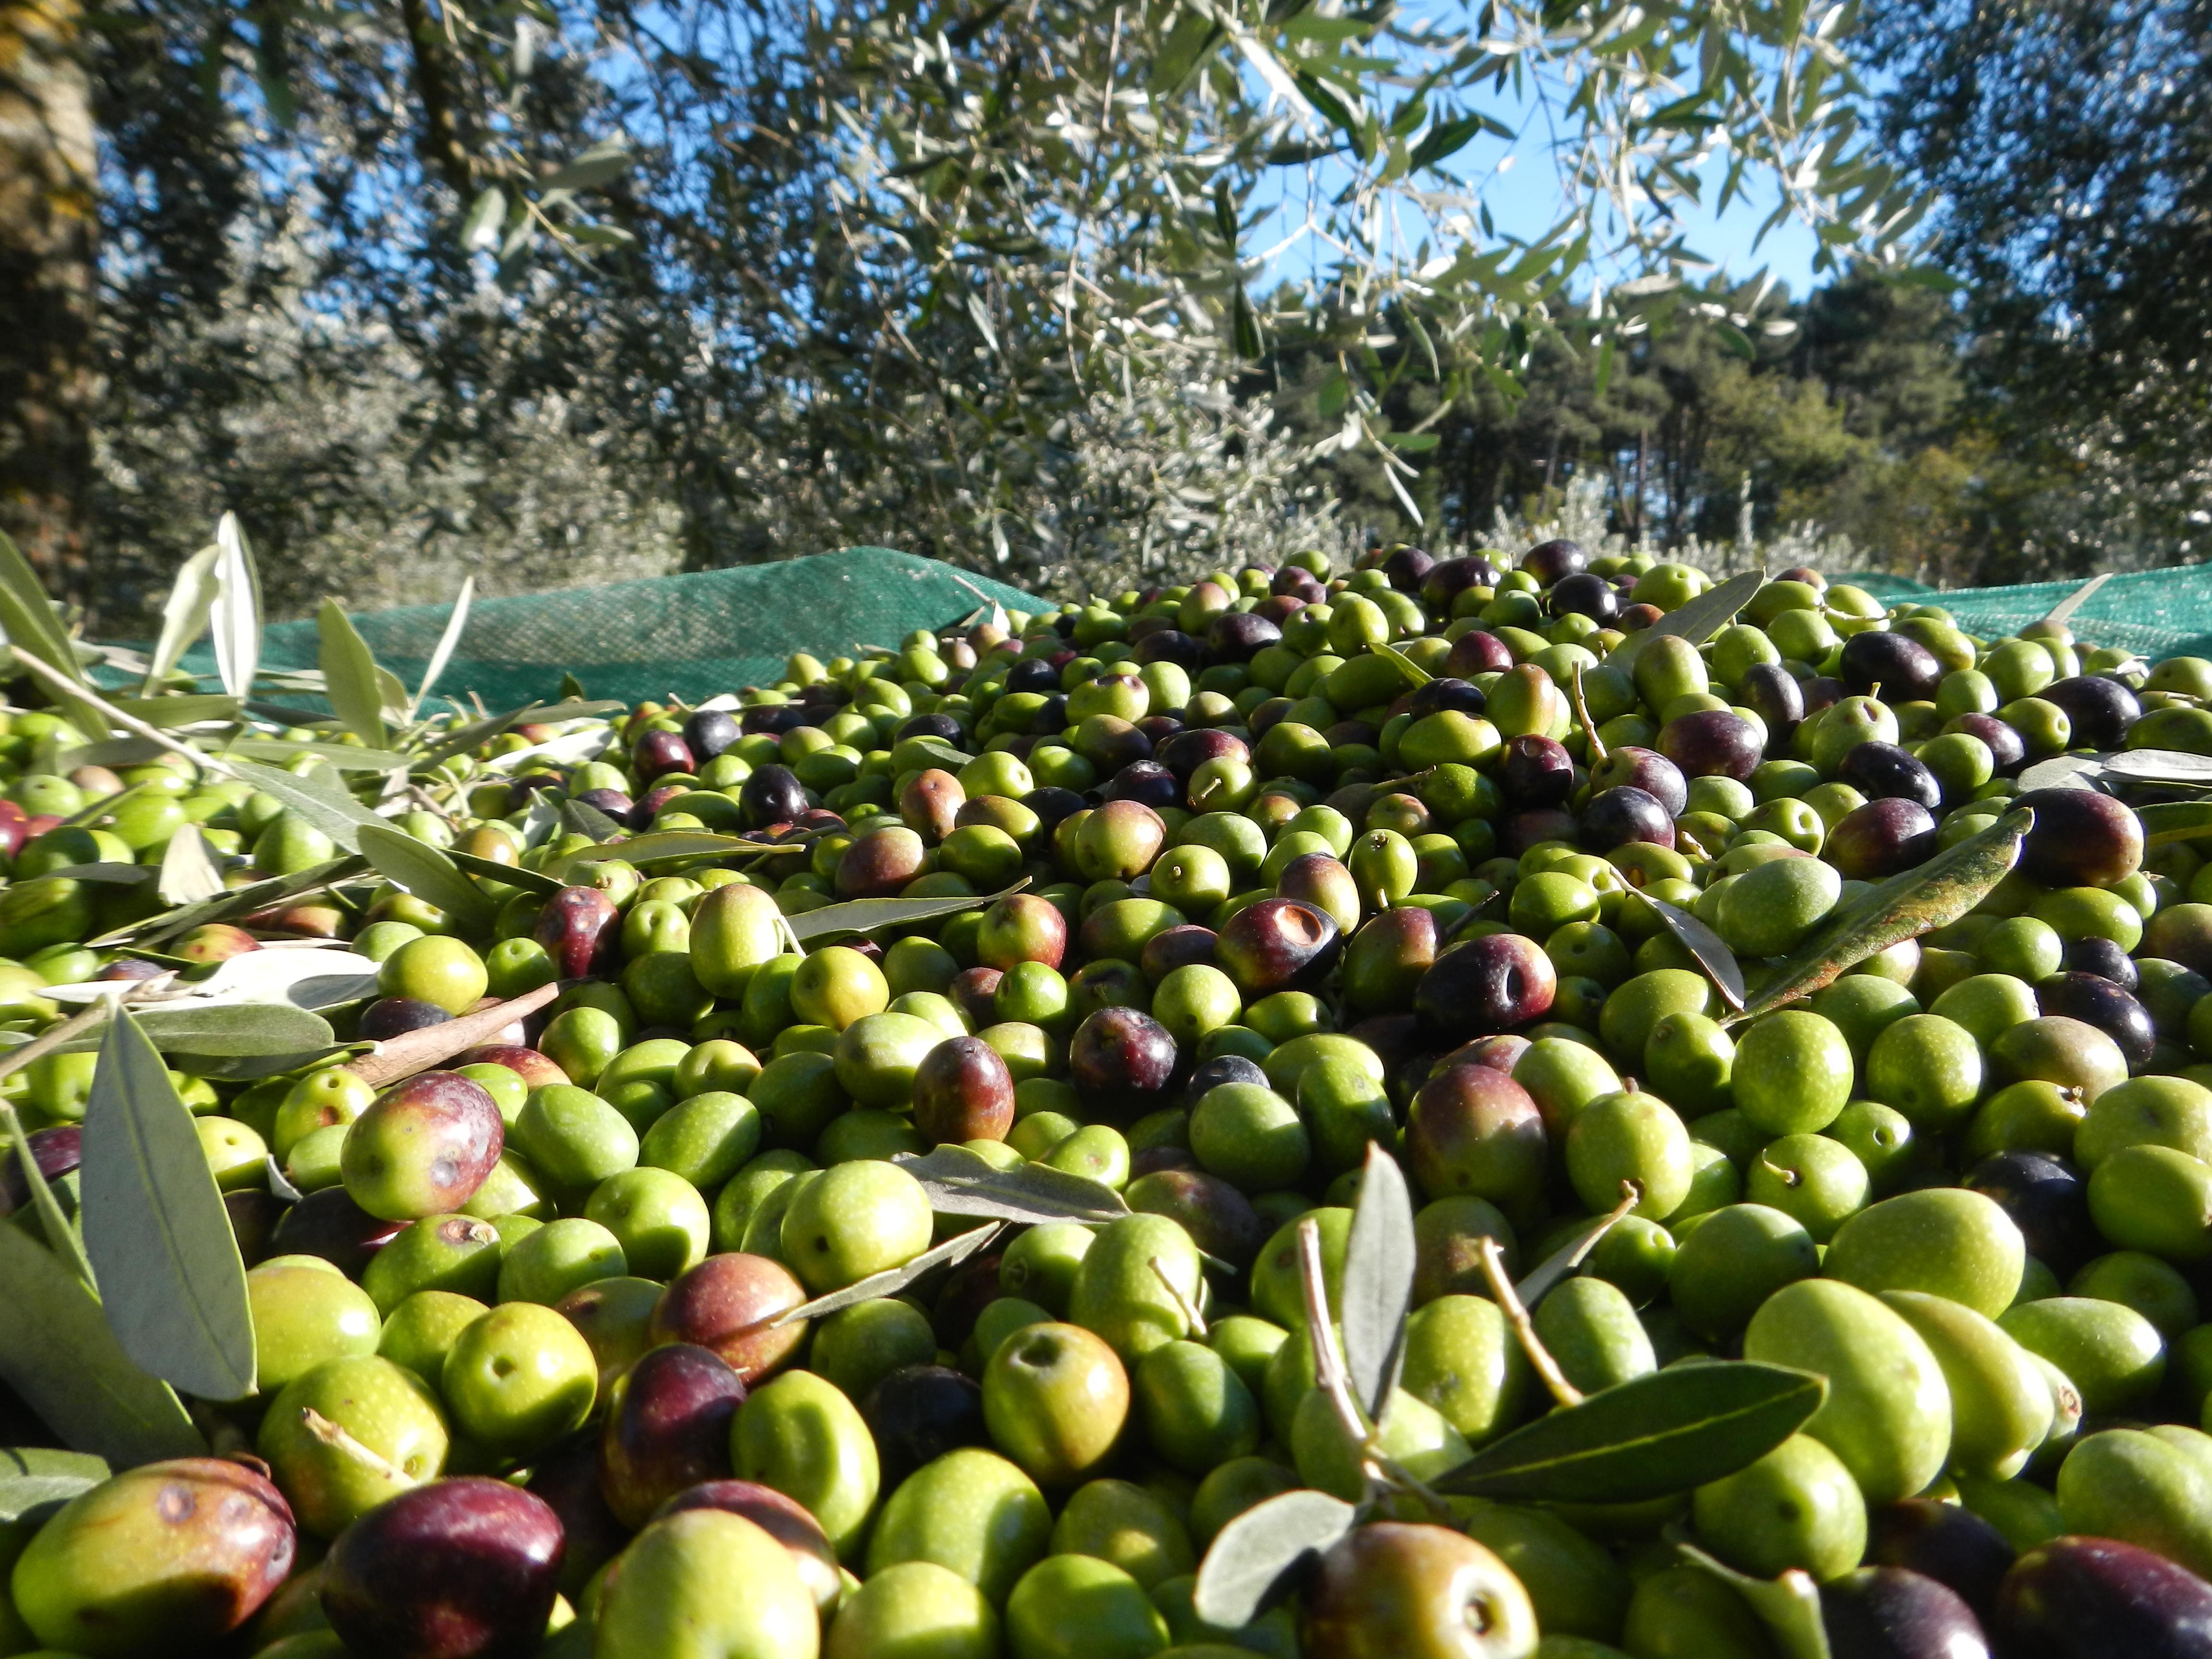 Racolta olive mulino elettrico per cereali professionale for Raccolta olive periodo